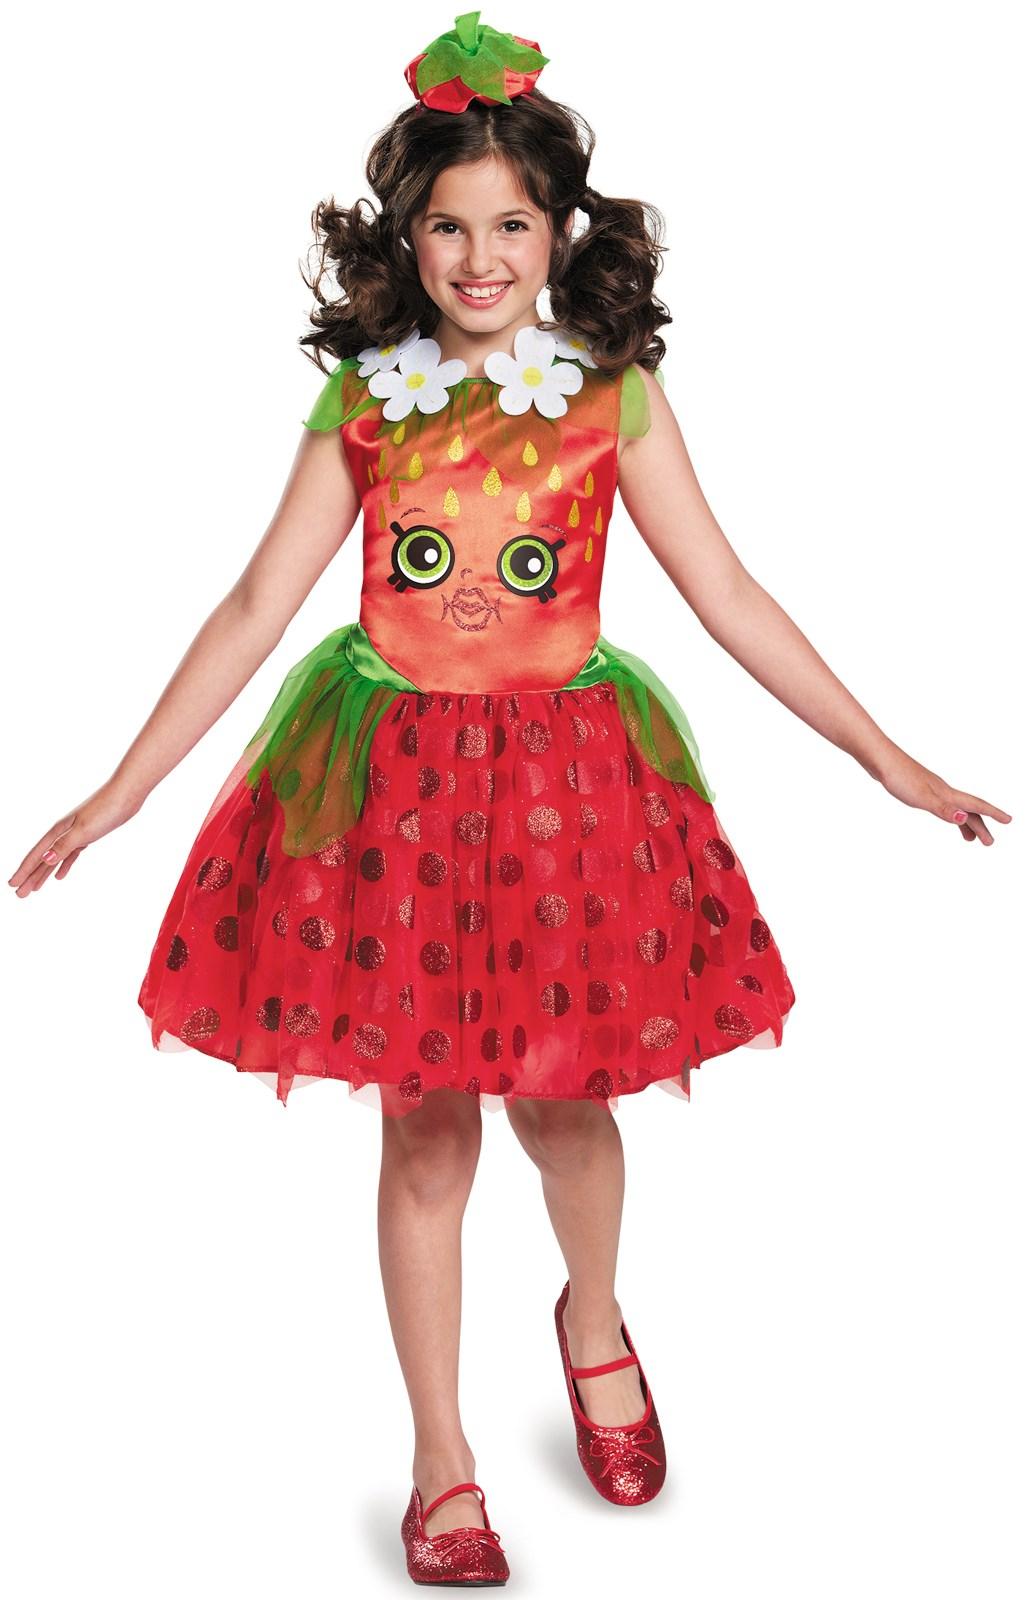 hopkins single girls Nwt girls shopkins single strap light pink bathing suit sizes 4 5 6 7 8 9 10   clothing, shoes & accessories, kids' clothing, shoes & accs, girls' clothing (sizes 4.